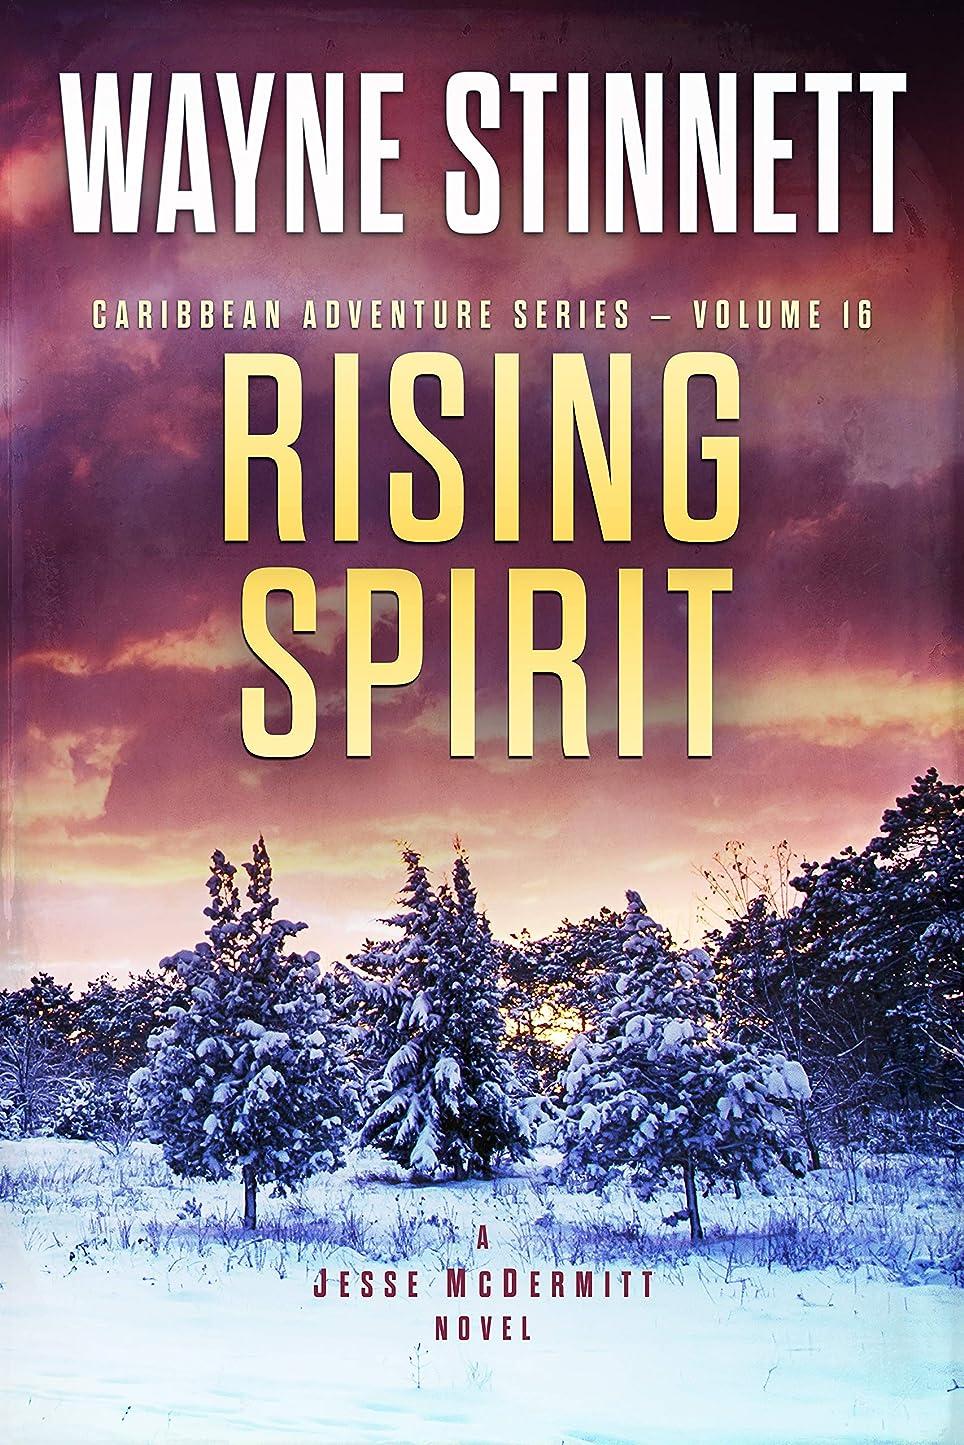 安西マスタード不安Rising Spirit: A Jesse McDermitt Novel (Caribbean Adventure Series Book 16) (English Edition)